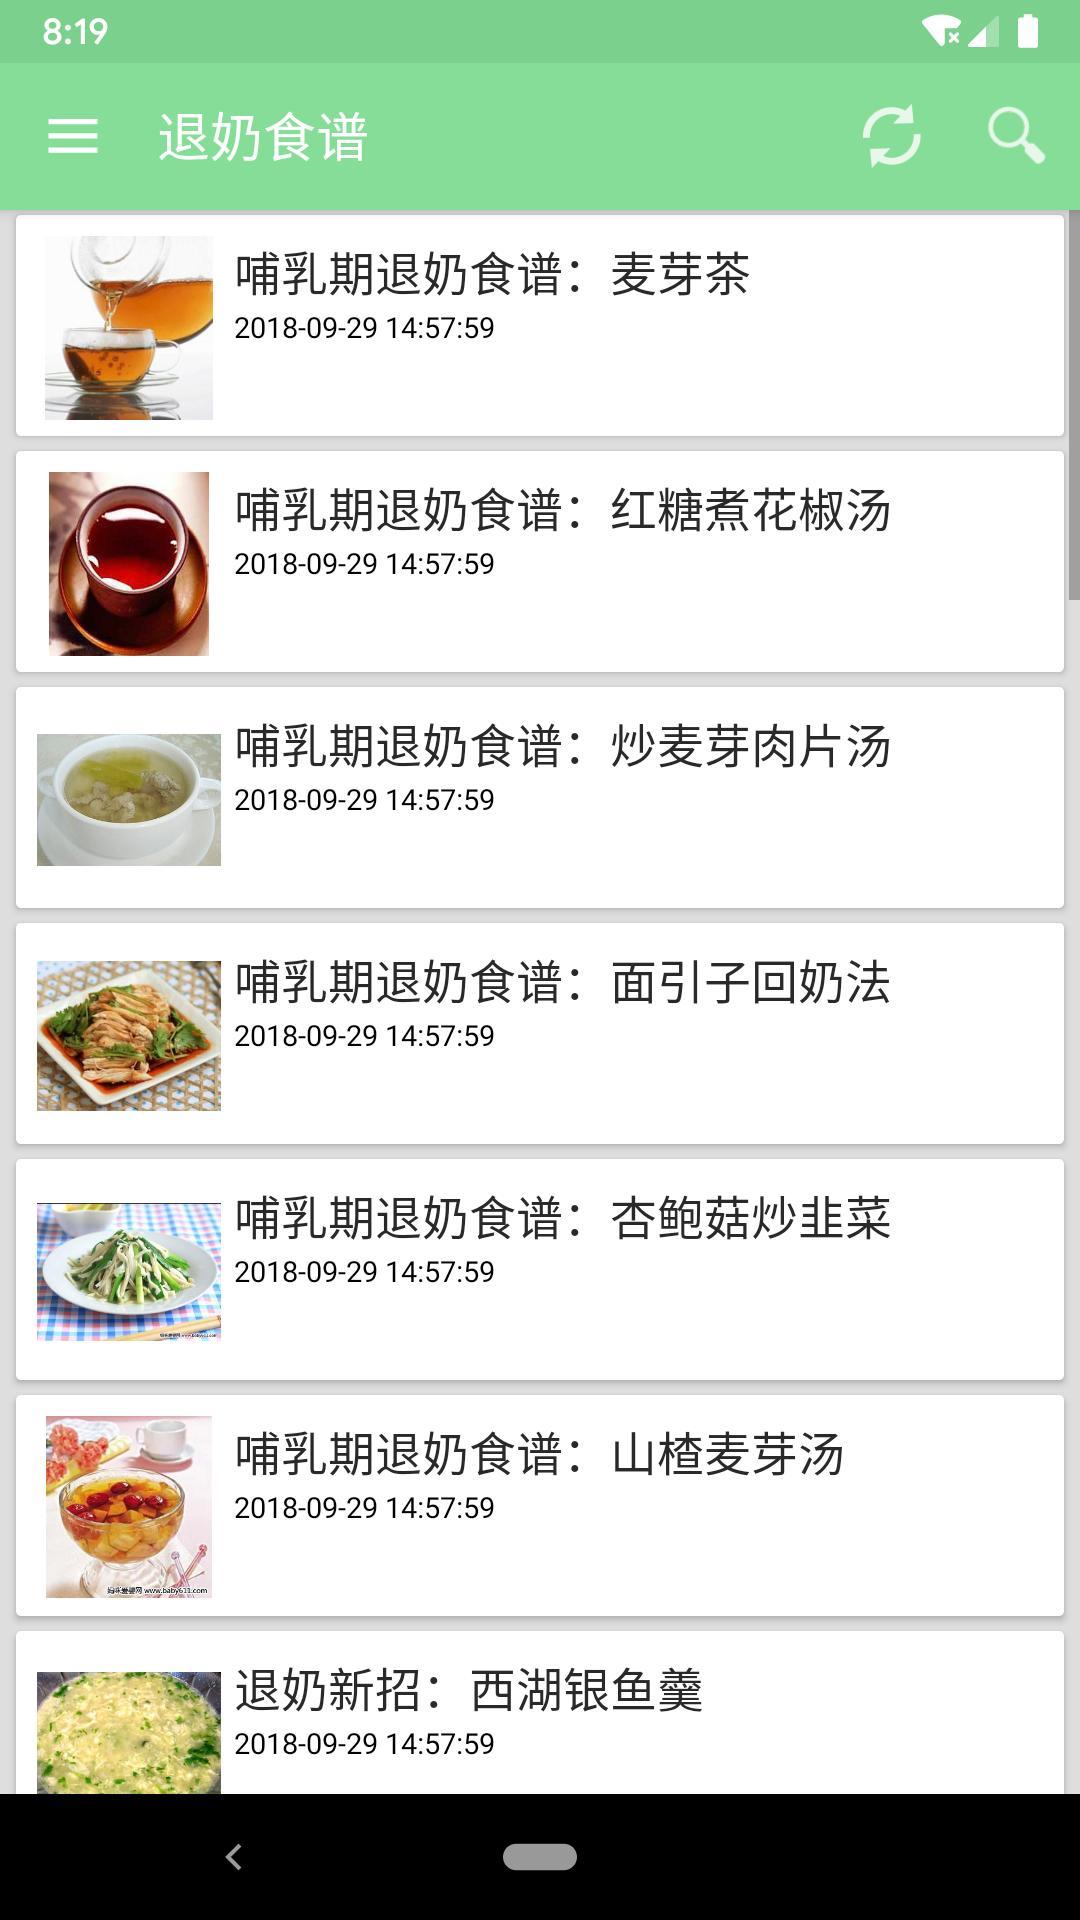 月子食谱 — 孕妇产后恢复必备月子餐食谱.女人科学坐月子食补菜单 poster